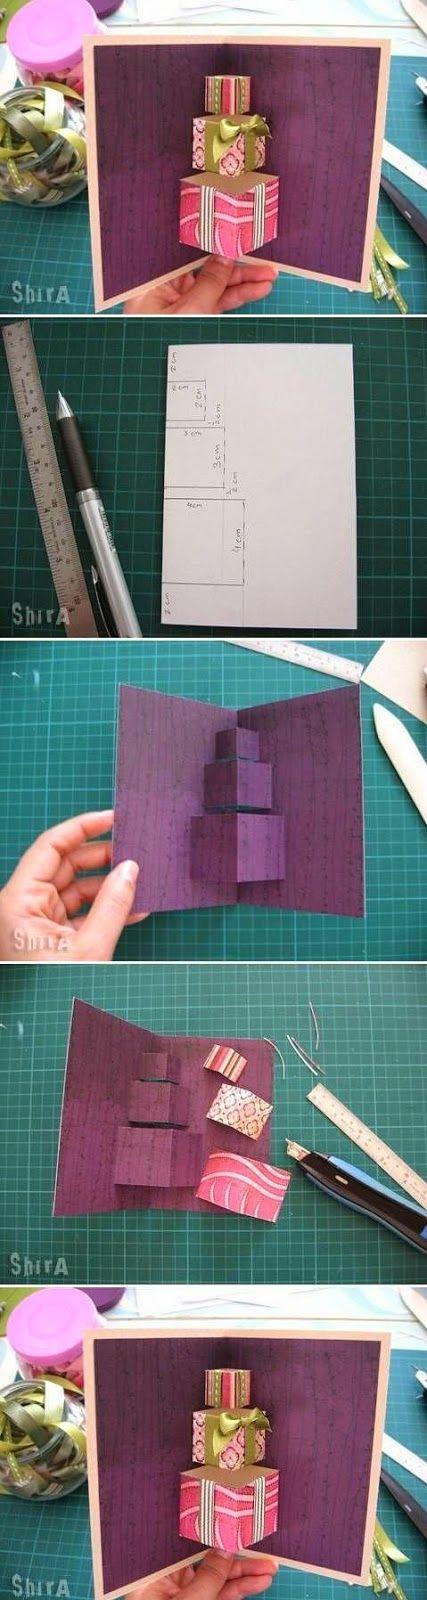 Relasé: Idee regalo: biglietto di auguri per il compleanno - progetto DIY 3D!